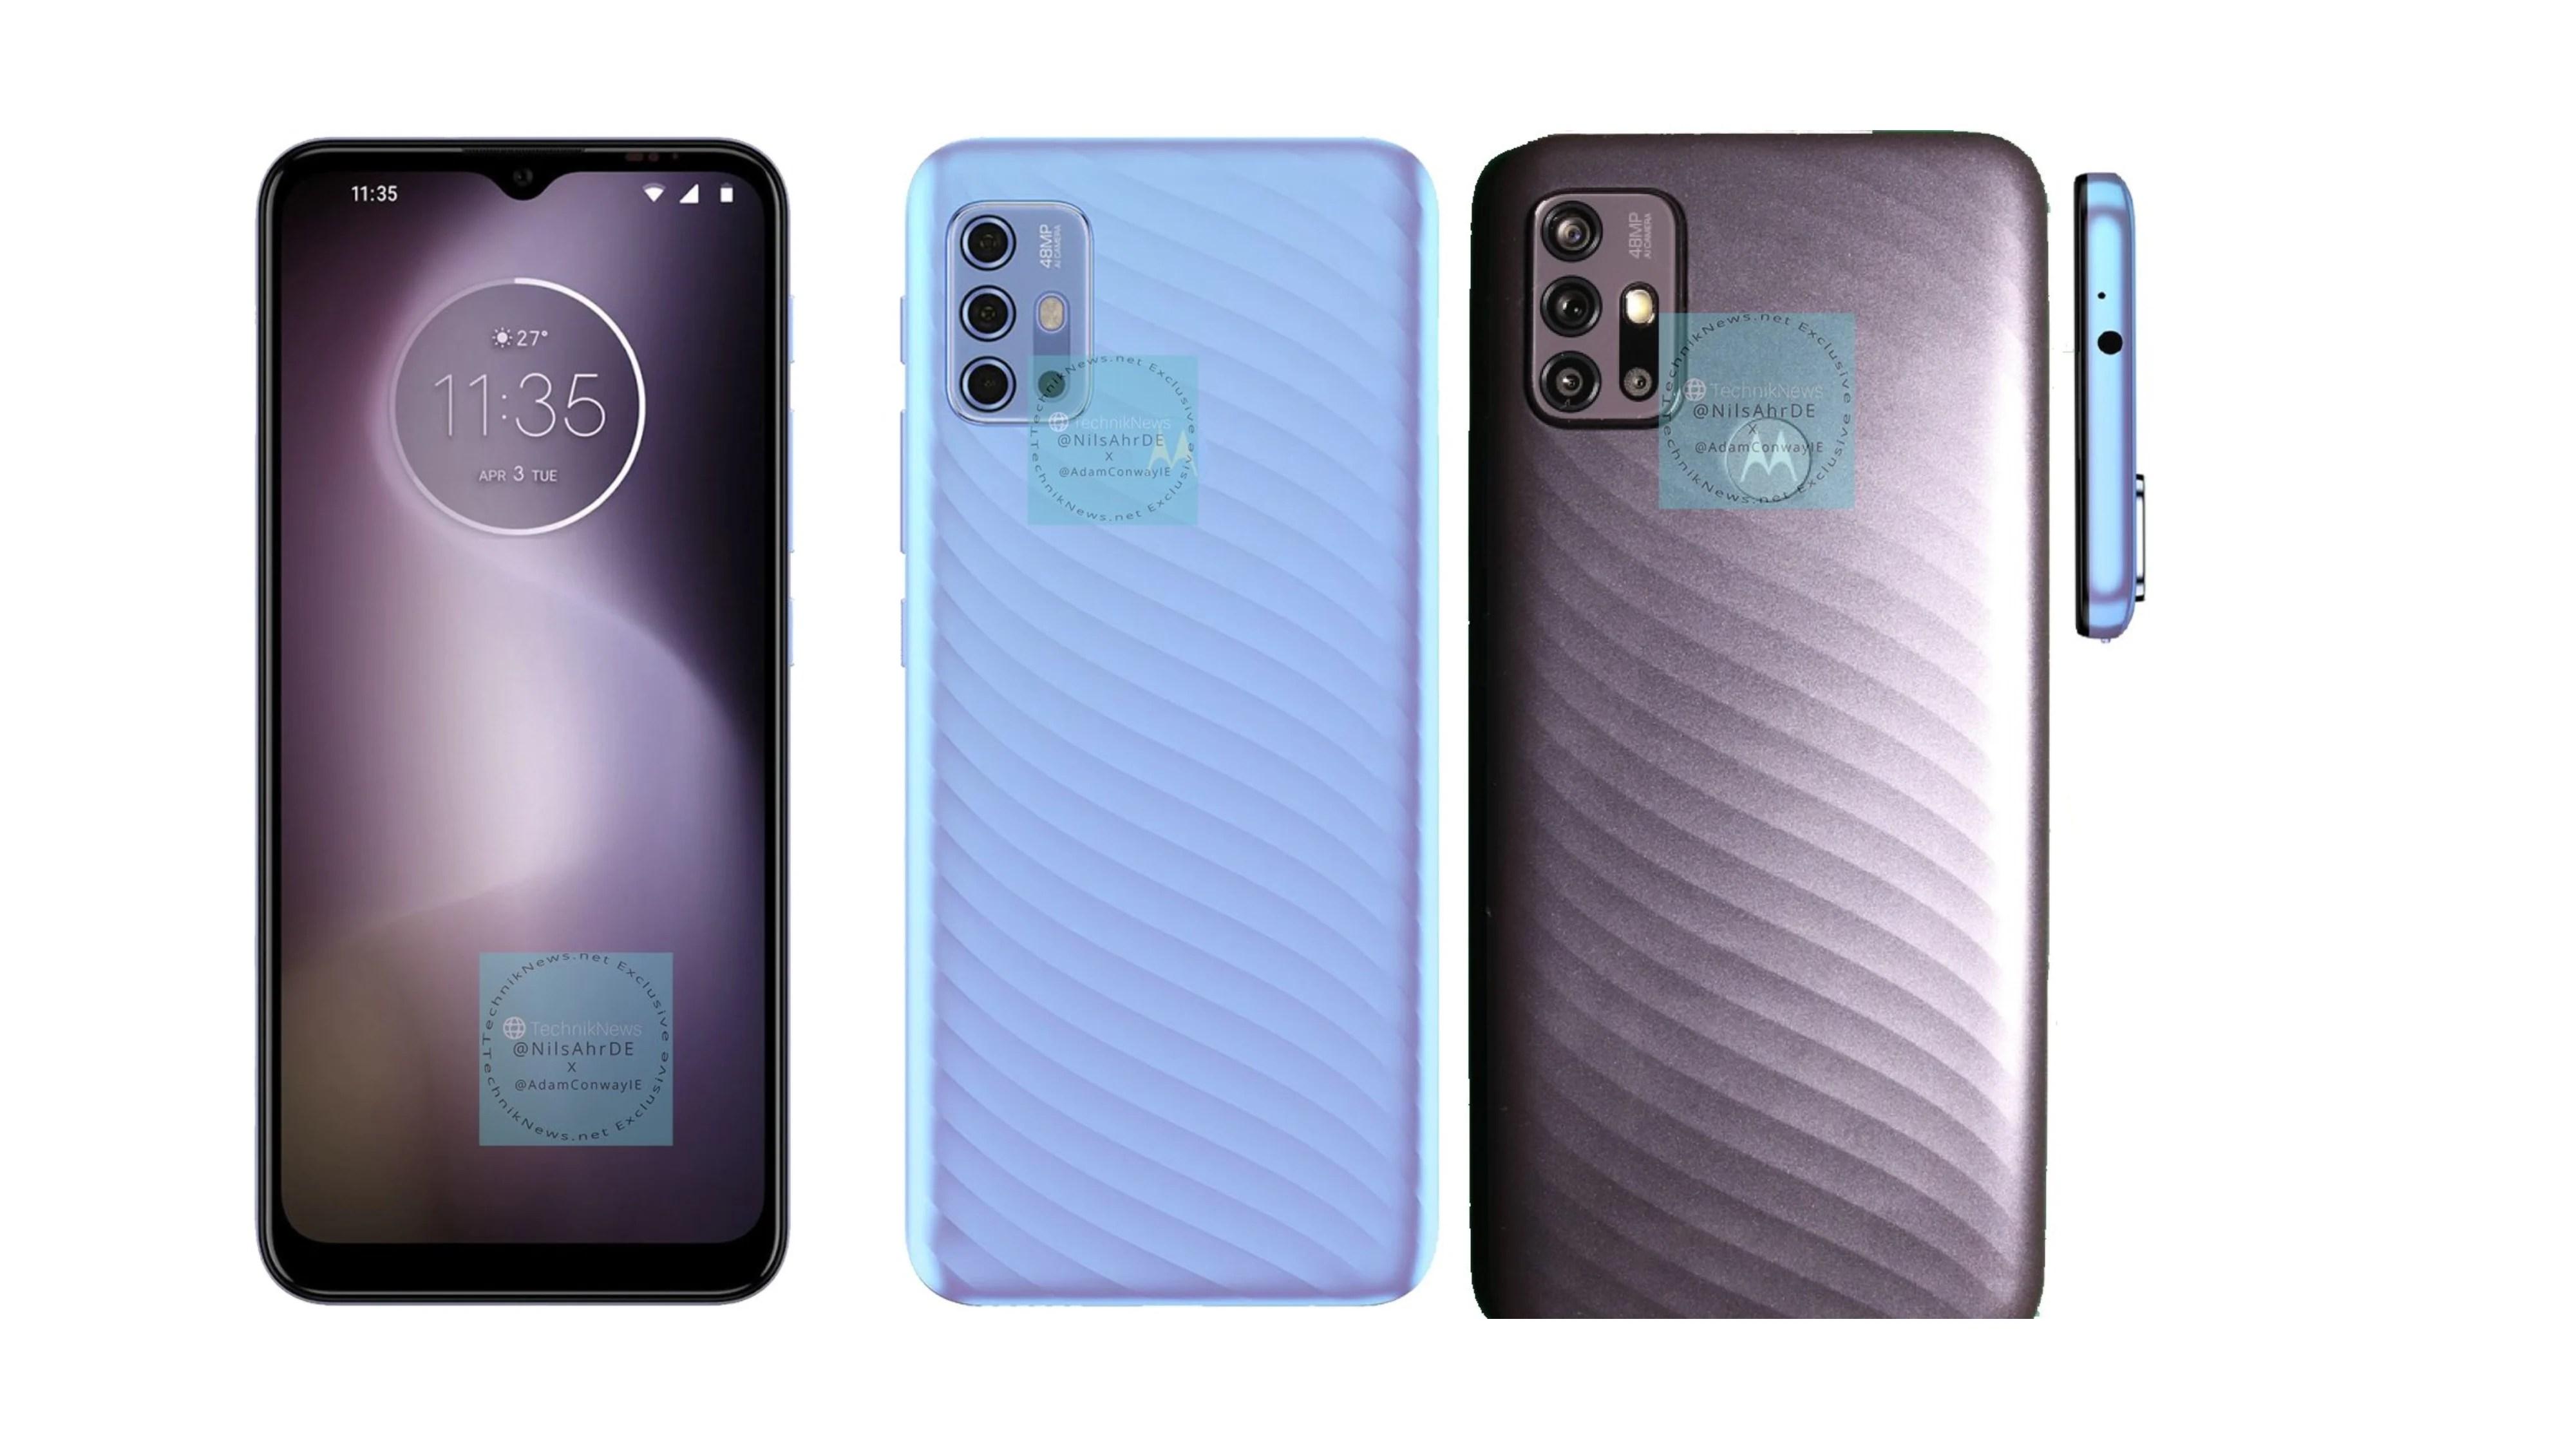 Motorola Moto G10 Renders Live Images Leak